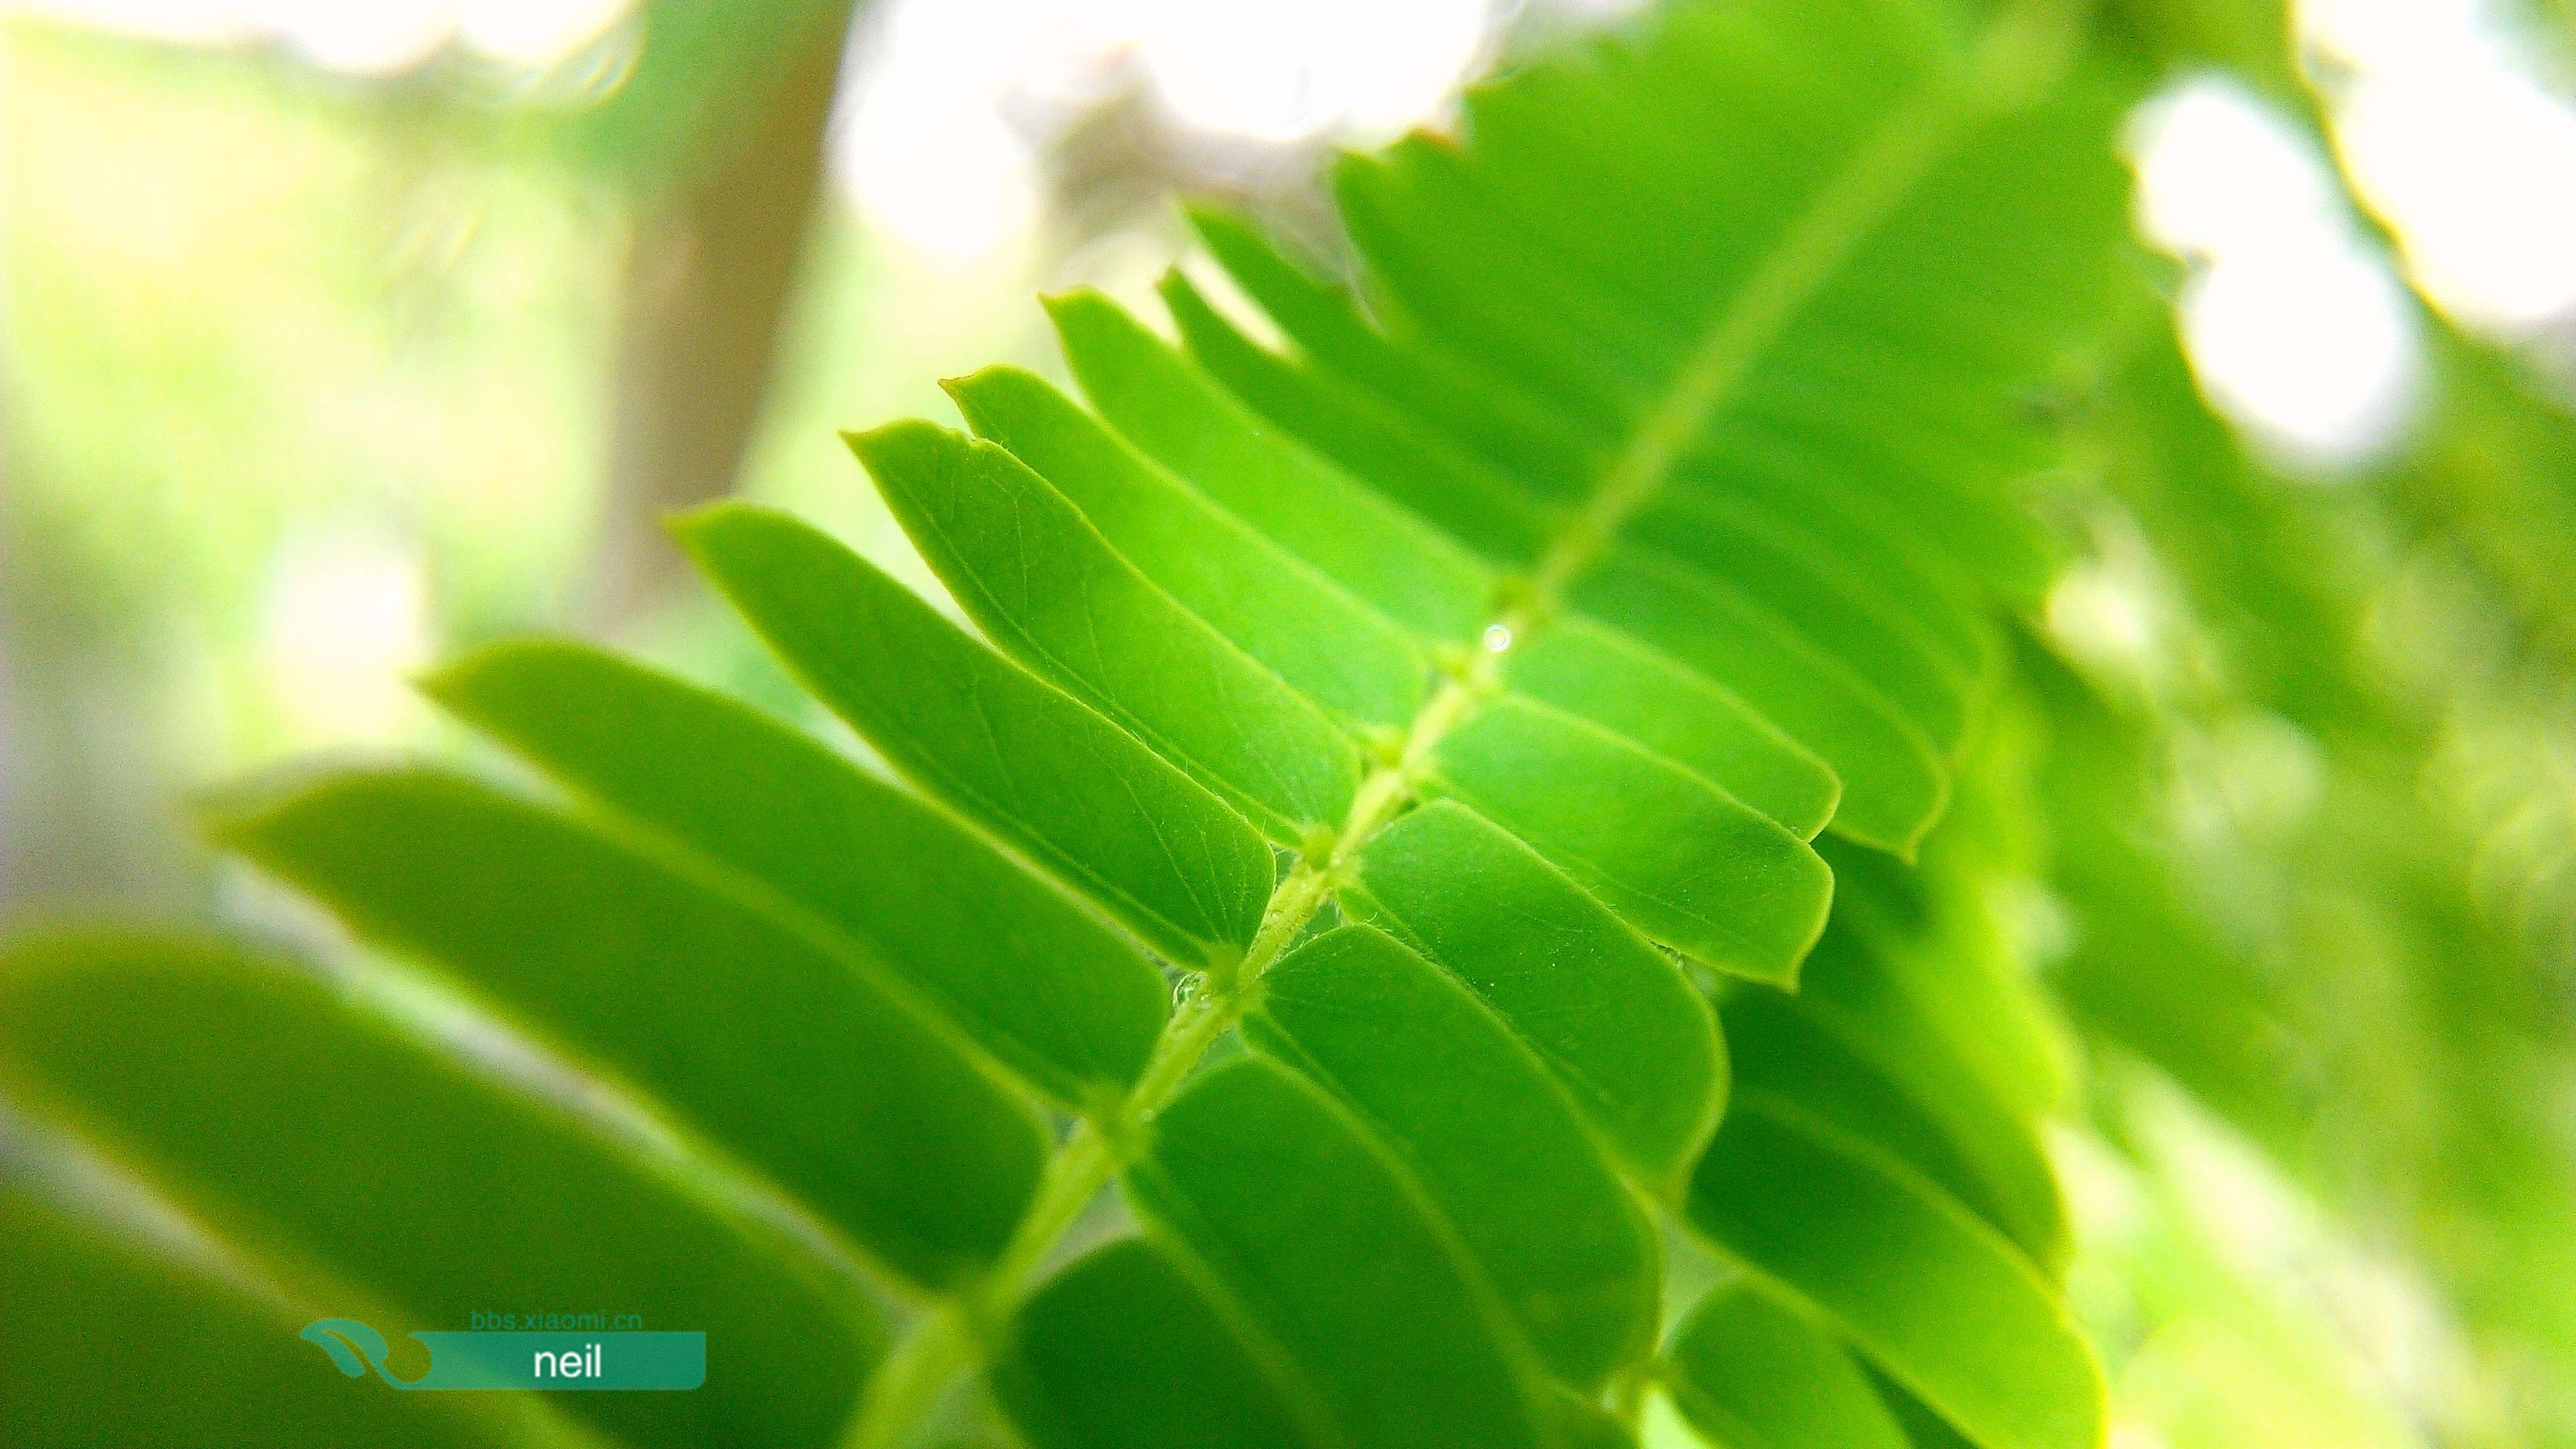 这种对称排列的树叶不多见,绿油油的给人一种清新透彻的心情!图片